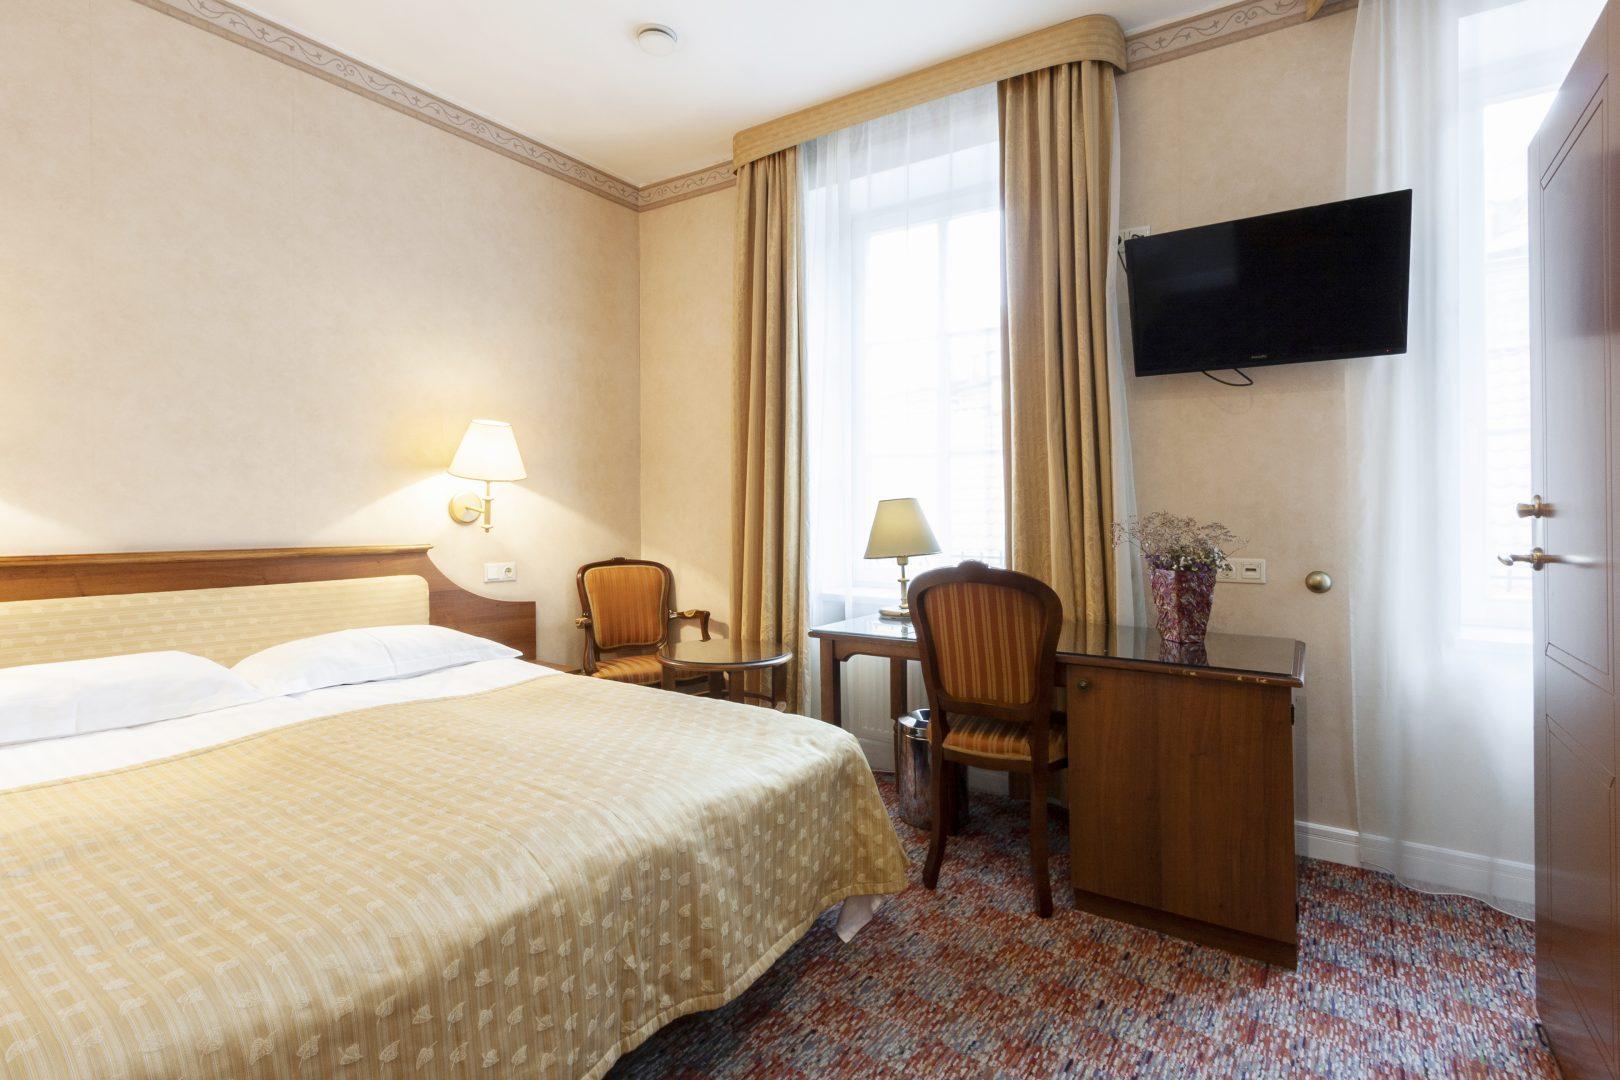 Standartinis kambarys su dvigule lova